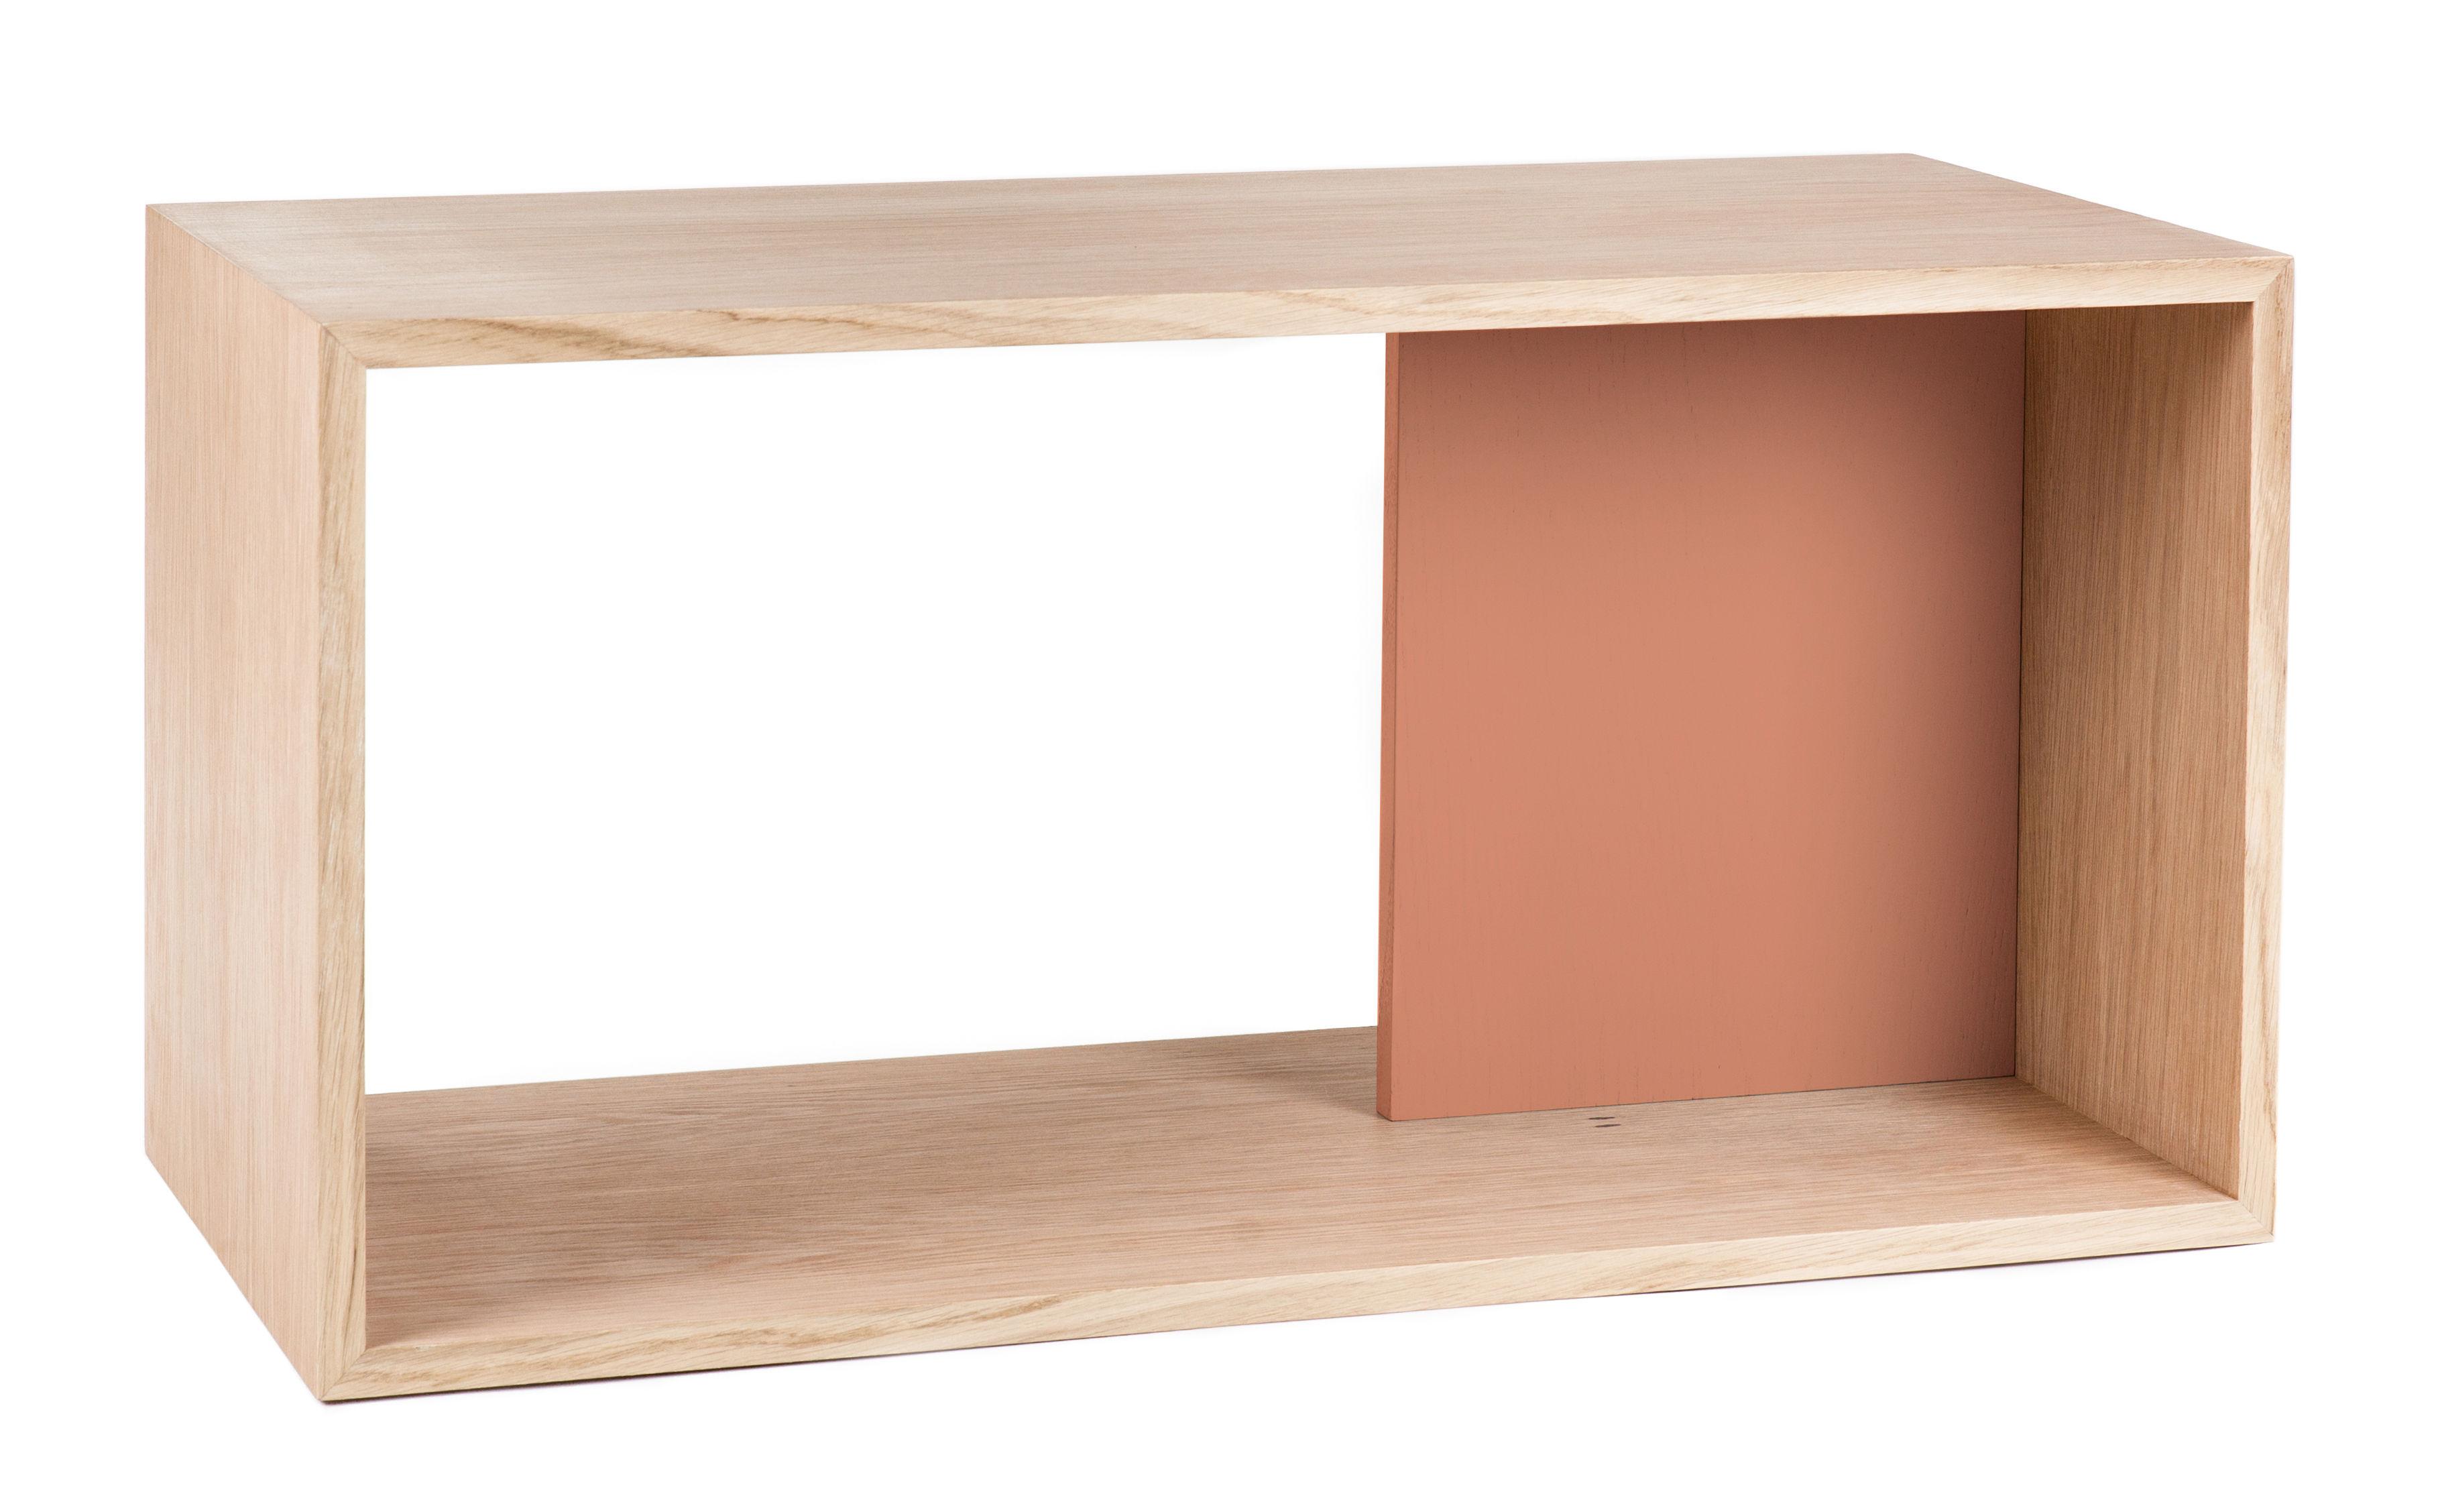 Arredamento - Scaffali e librerie - Mensola Edgar / L 72 x H 36 cm - Hartô - Corallo - MDF laccato, MDF rivestito in rovere